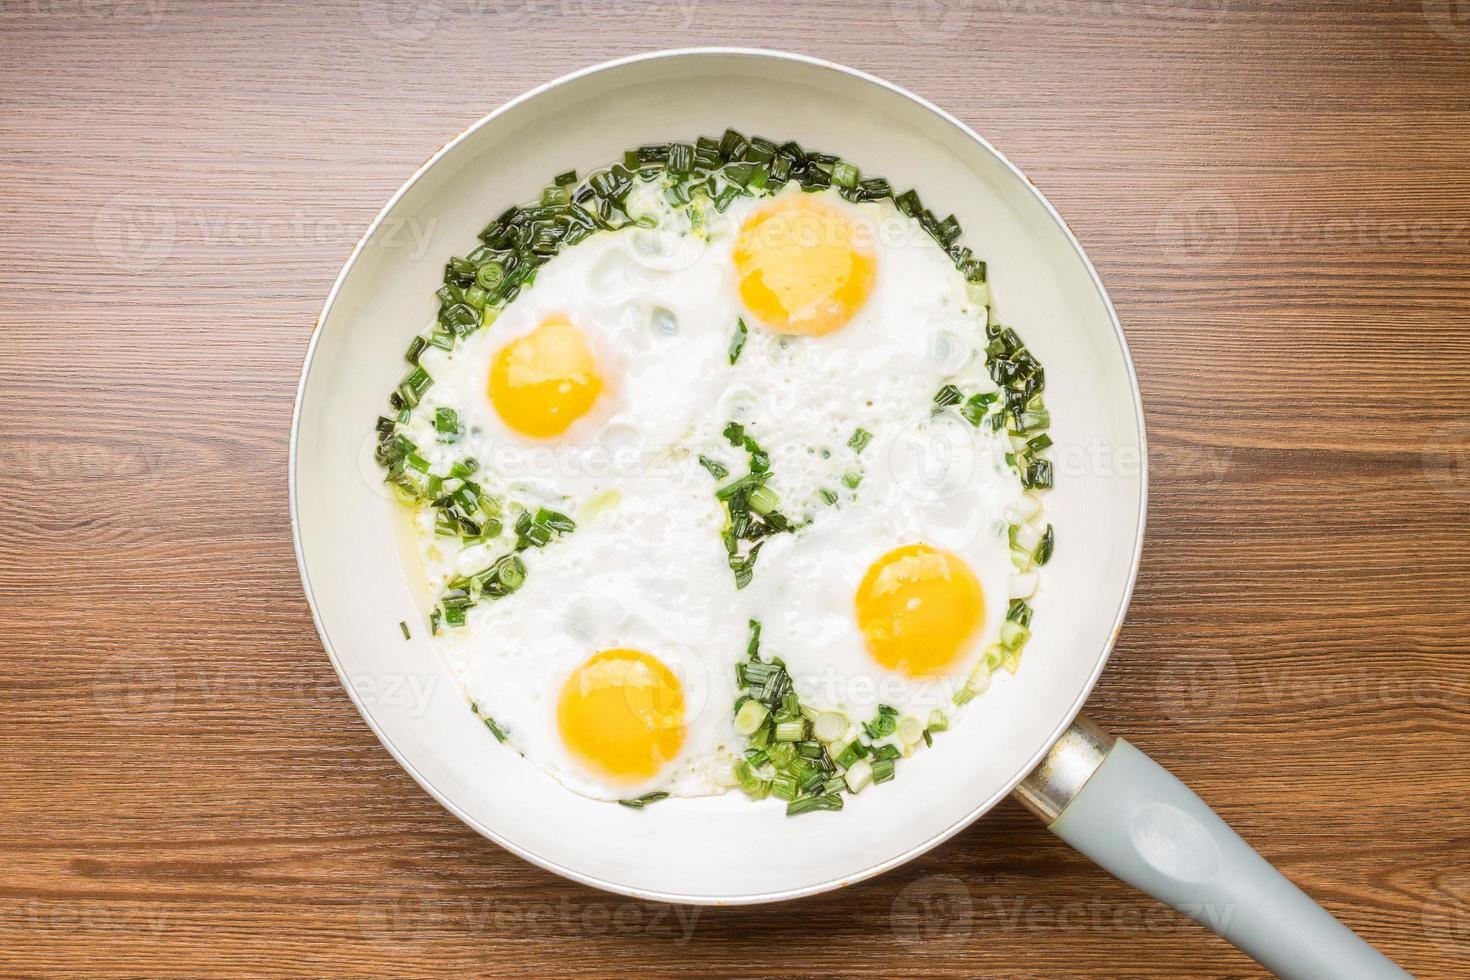 ovos fritos na frigideira com fundo de madeira foto